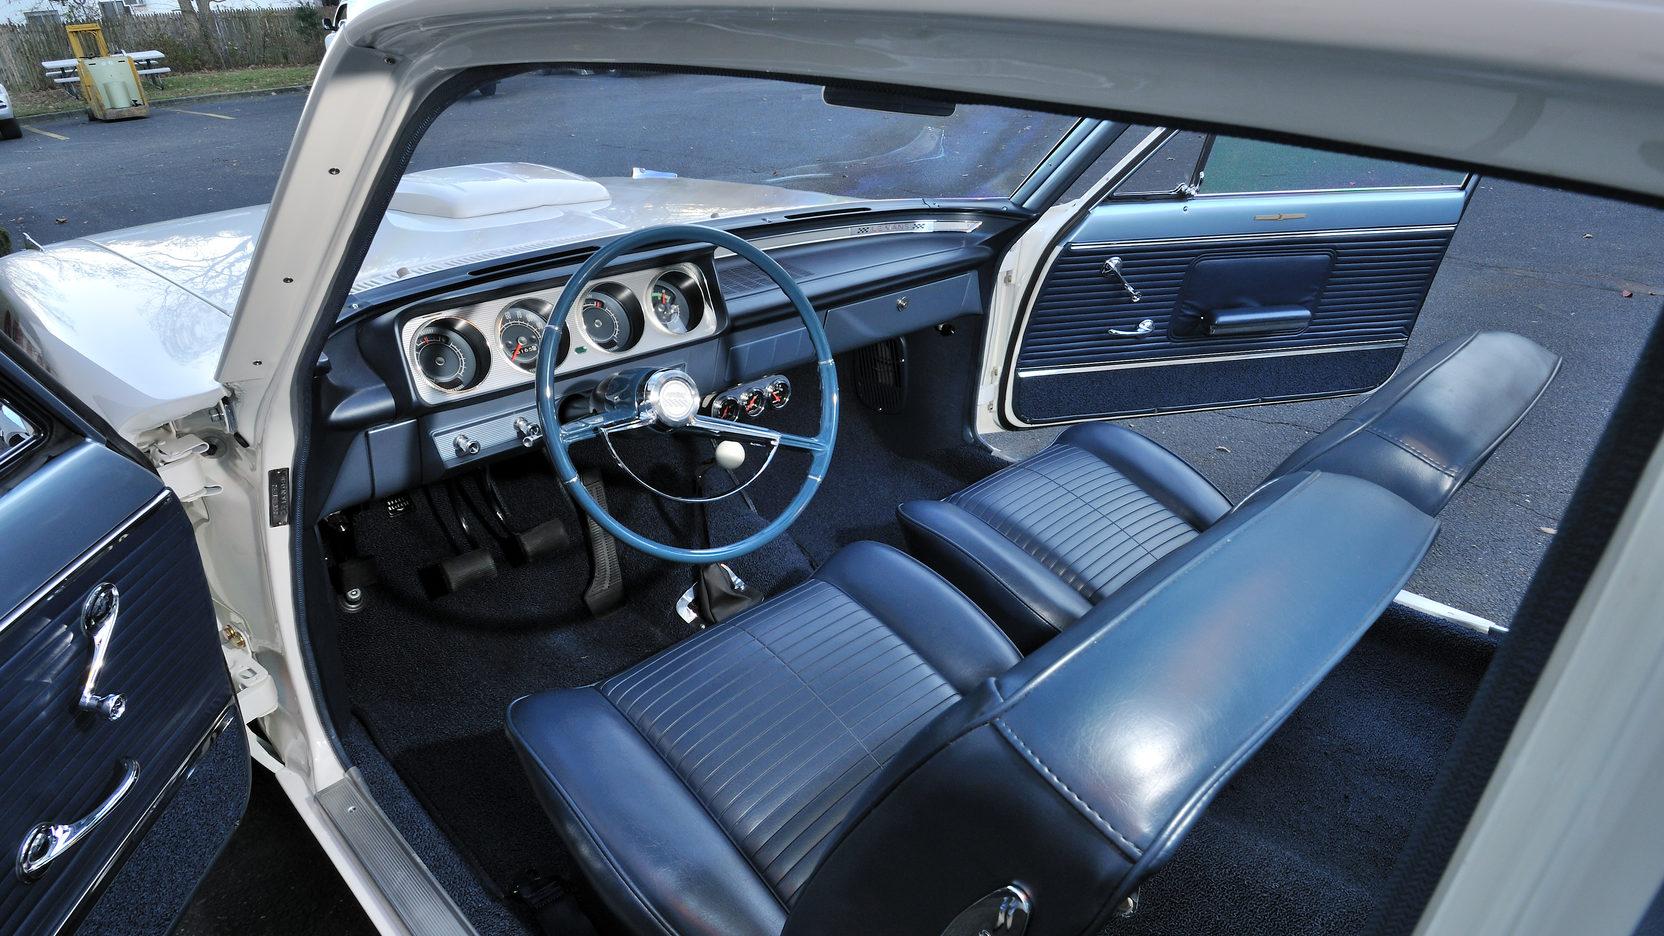 1963 Pontiac Tempest Super Duty Interior